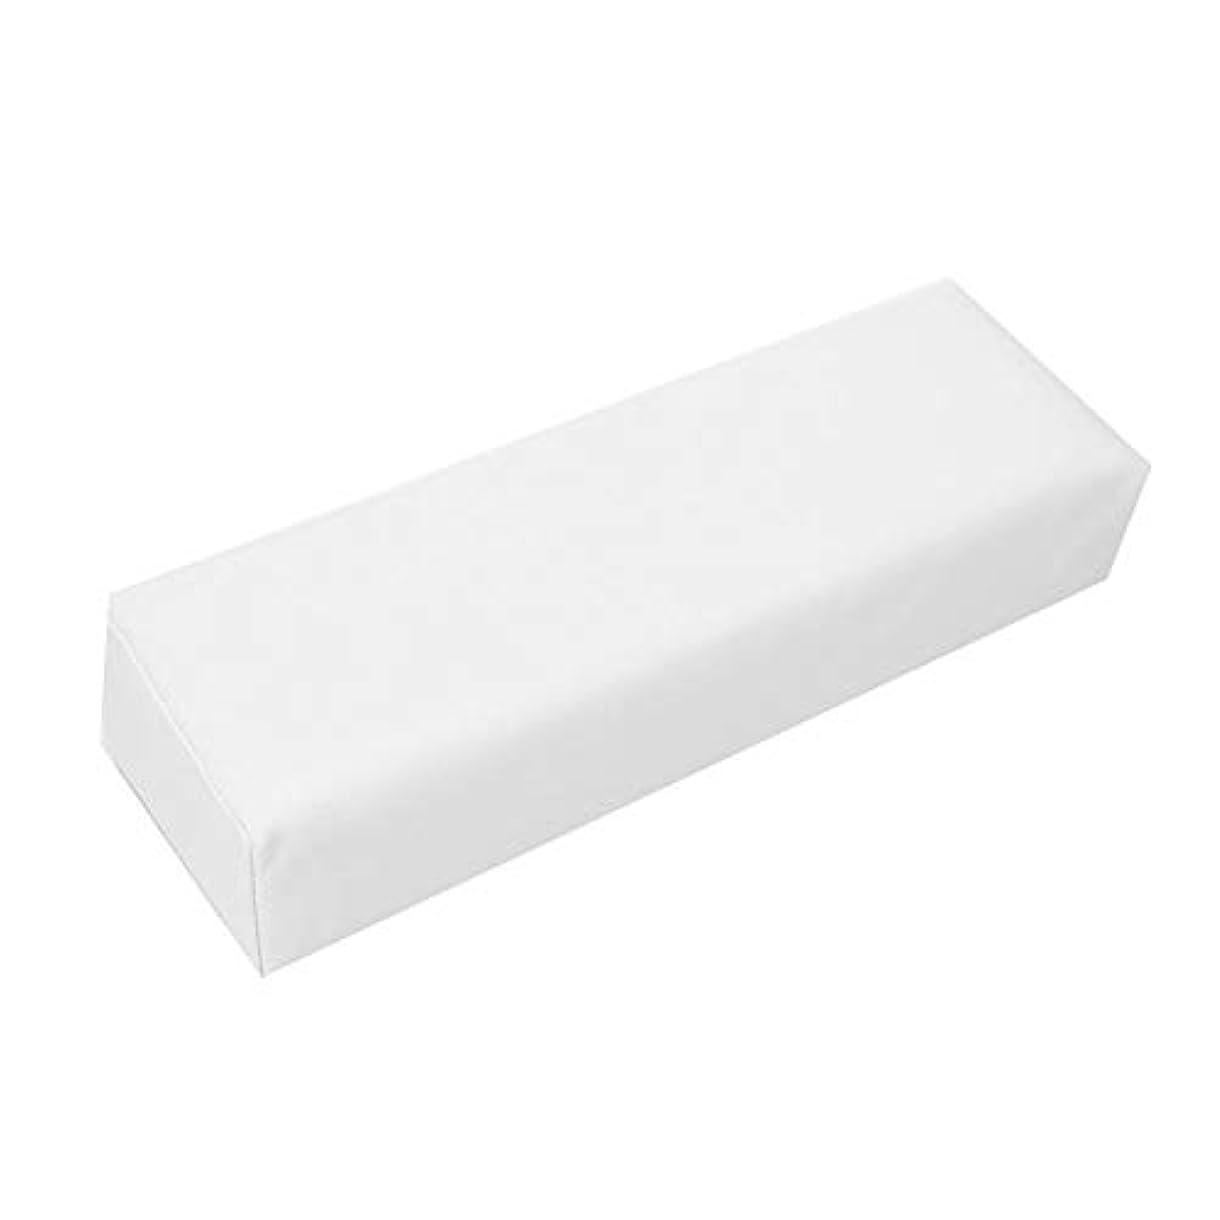 遵守する泥共和国dootiネイル用アームレスト 人工レザー 清潔容易 手をサポート 練習用にも 高弾性な充填物 美容院 美容室 ネイルサロン 理容室に適用(ホワイト)